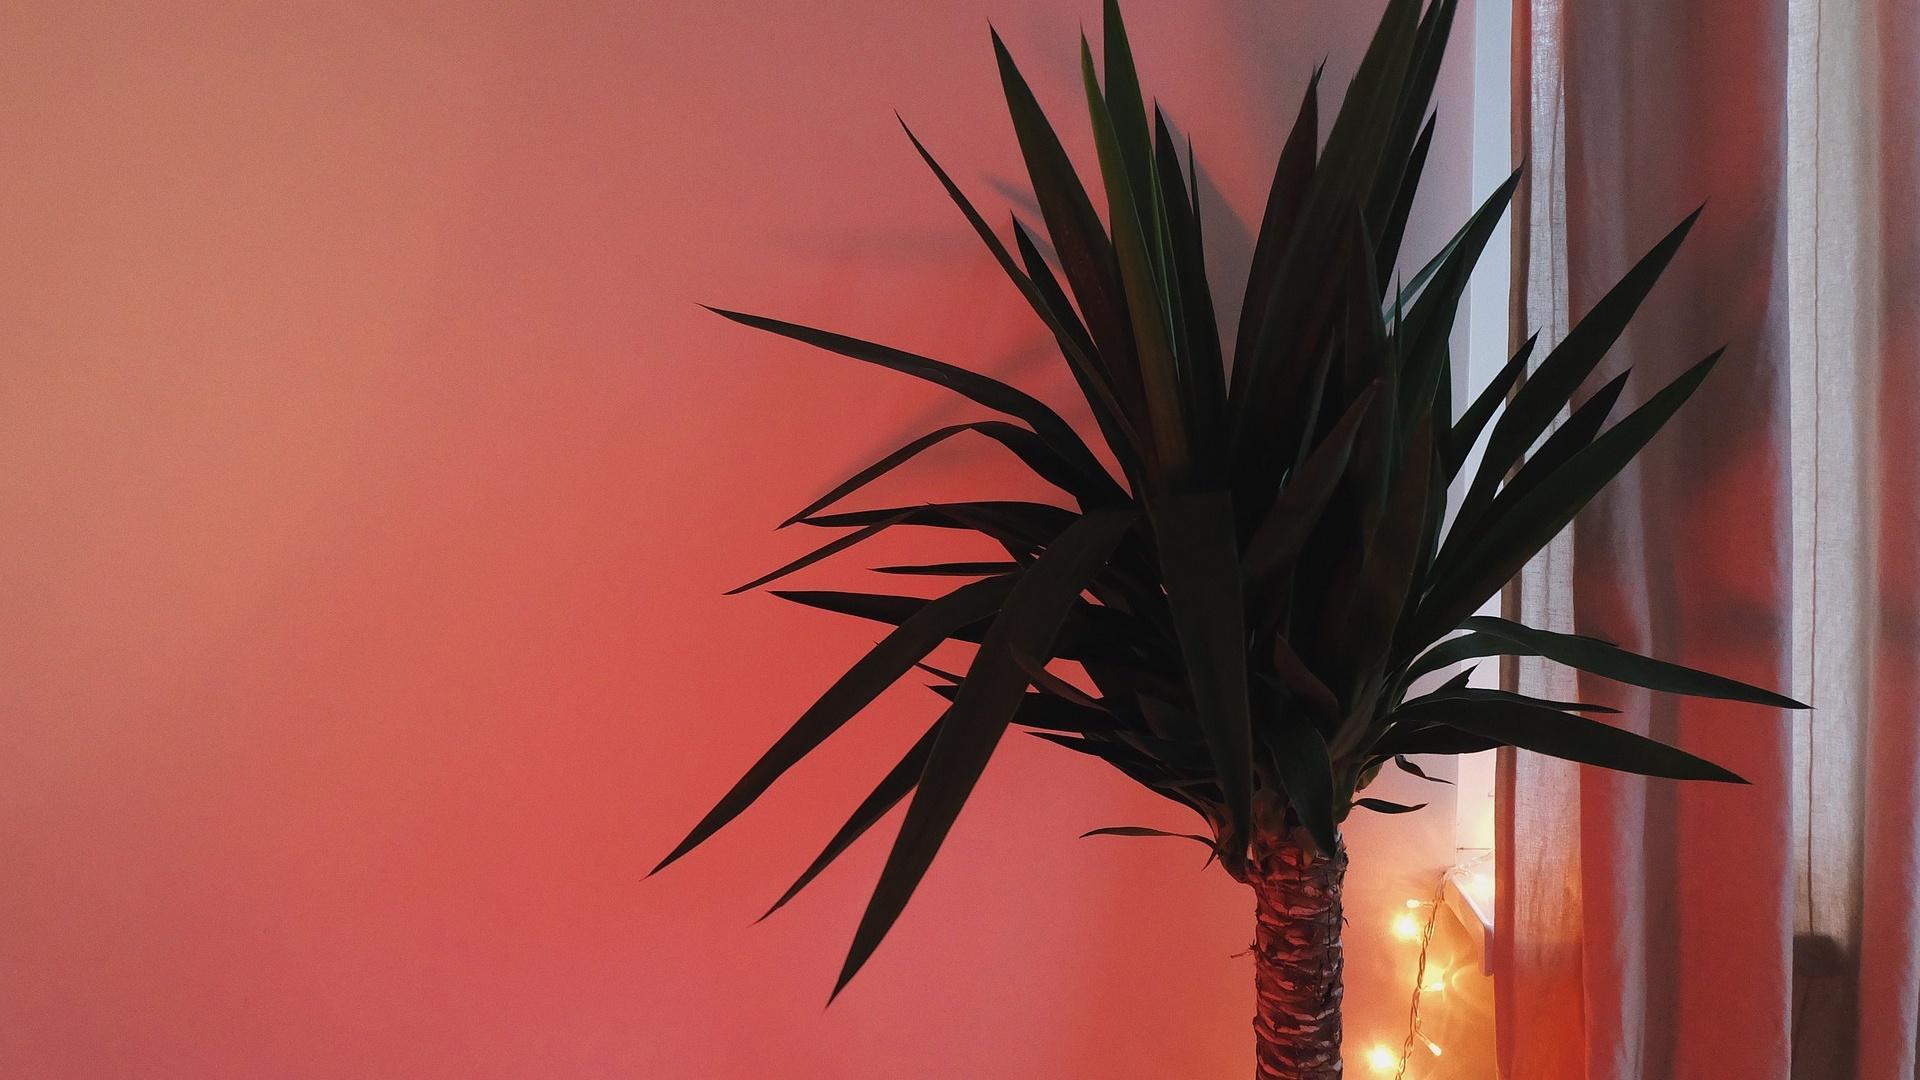 Palmen können sehr gut in einem temperierten Wintergarten mit einer Temperatur von fünf bis fünfzehn Grad gehalten werden.